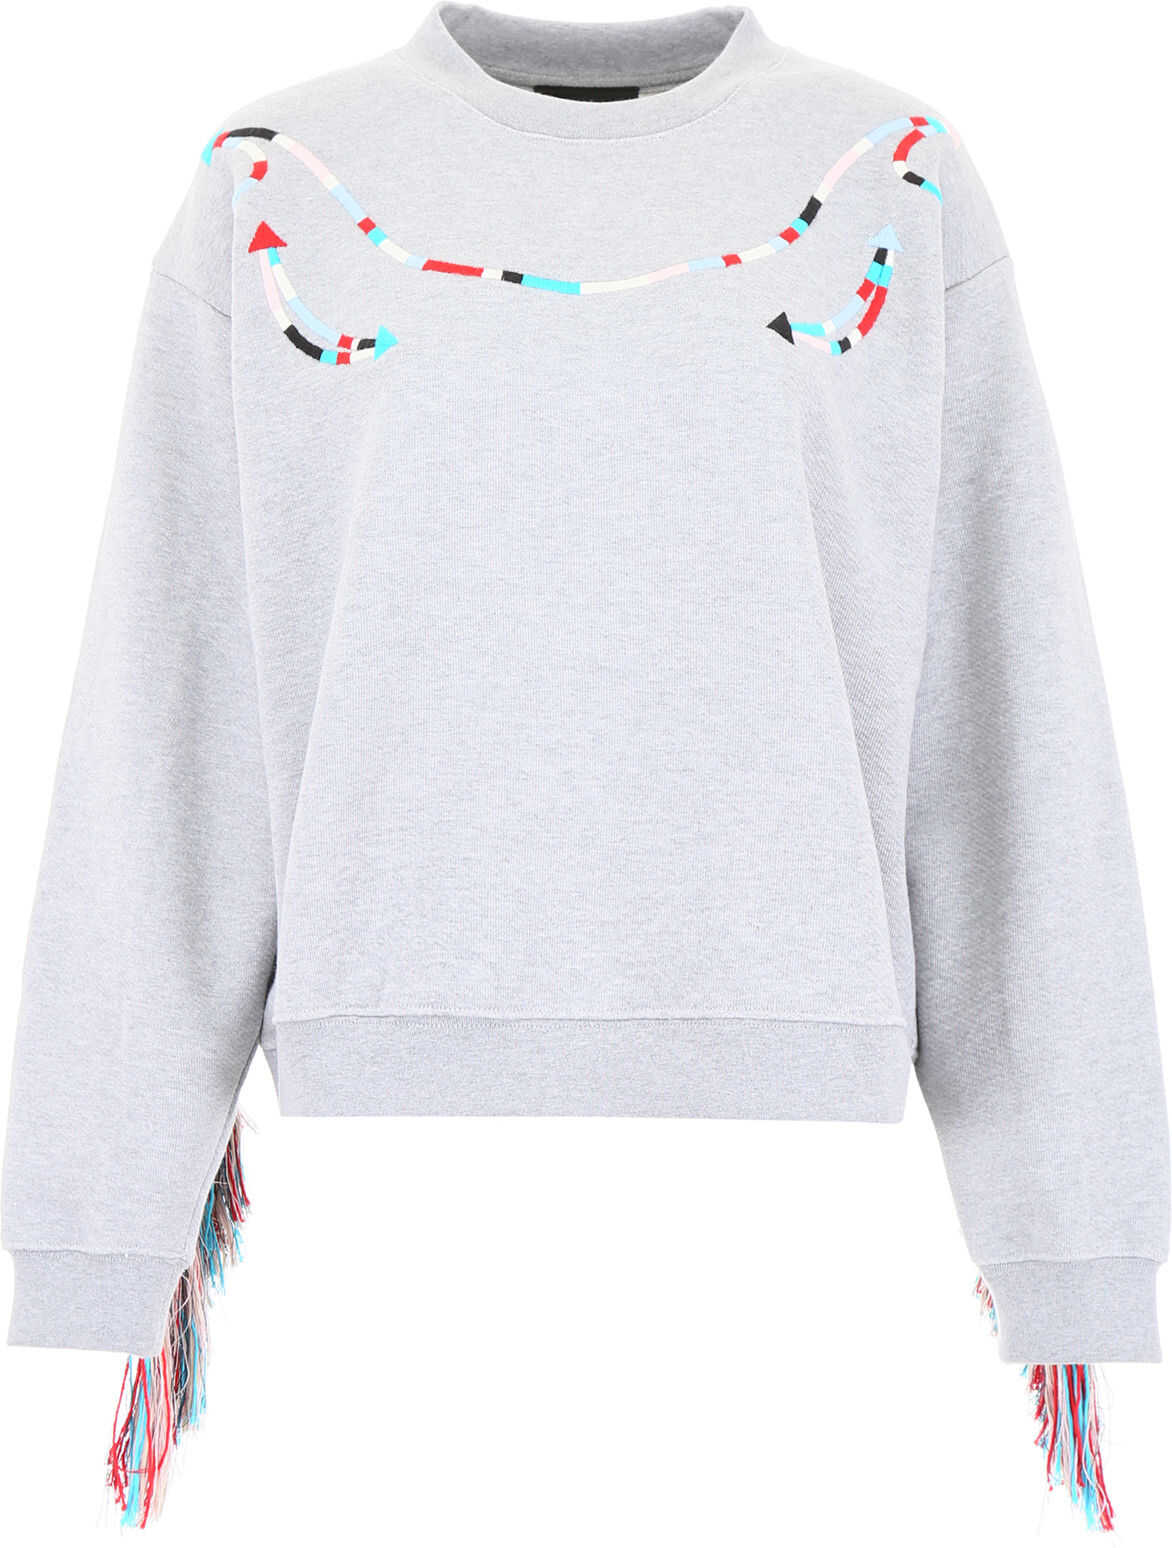 ALANUI Fringed Sweatshirt GREY MELANGE